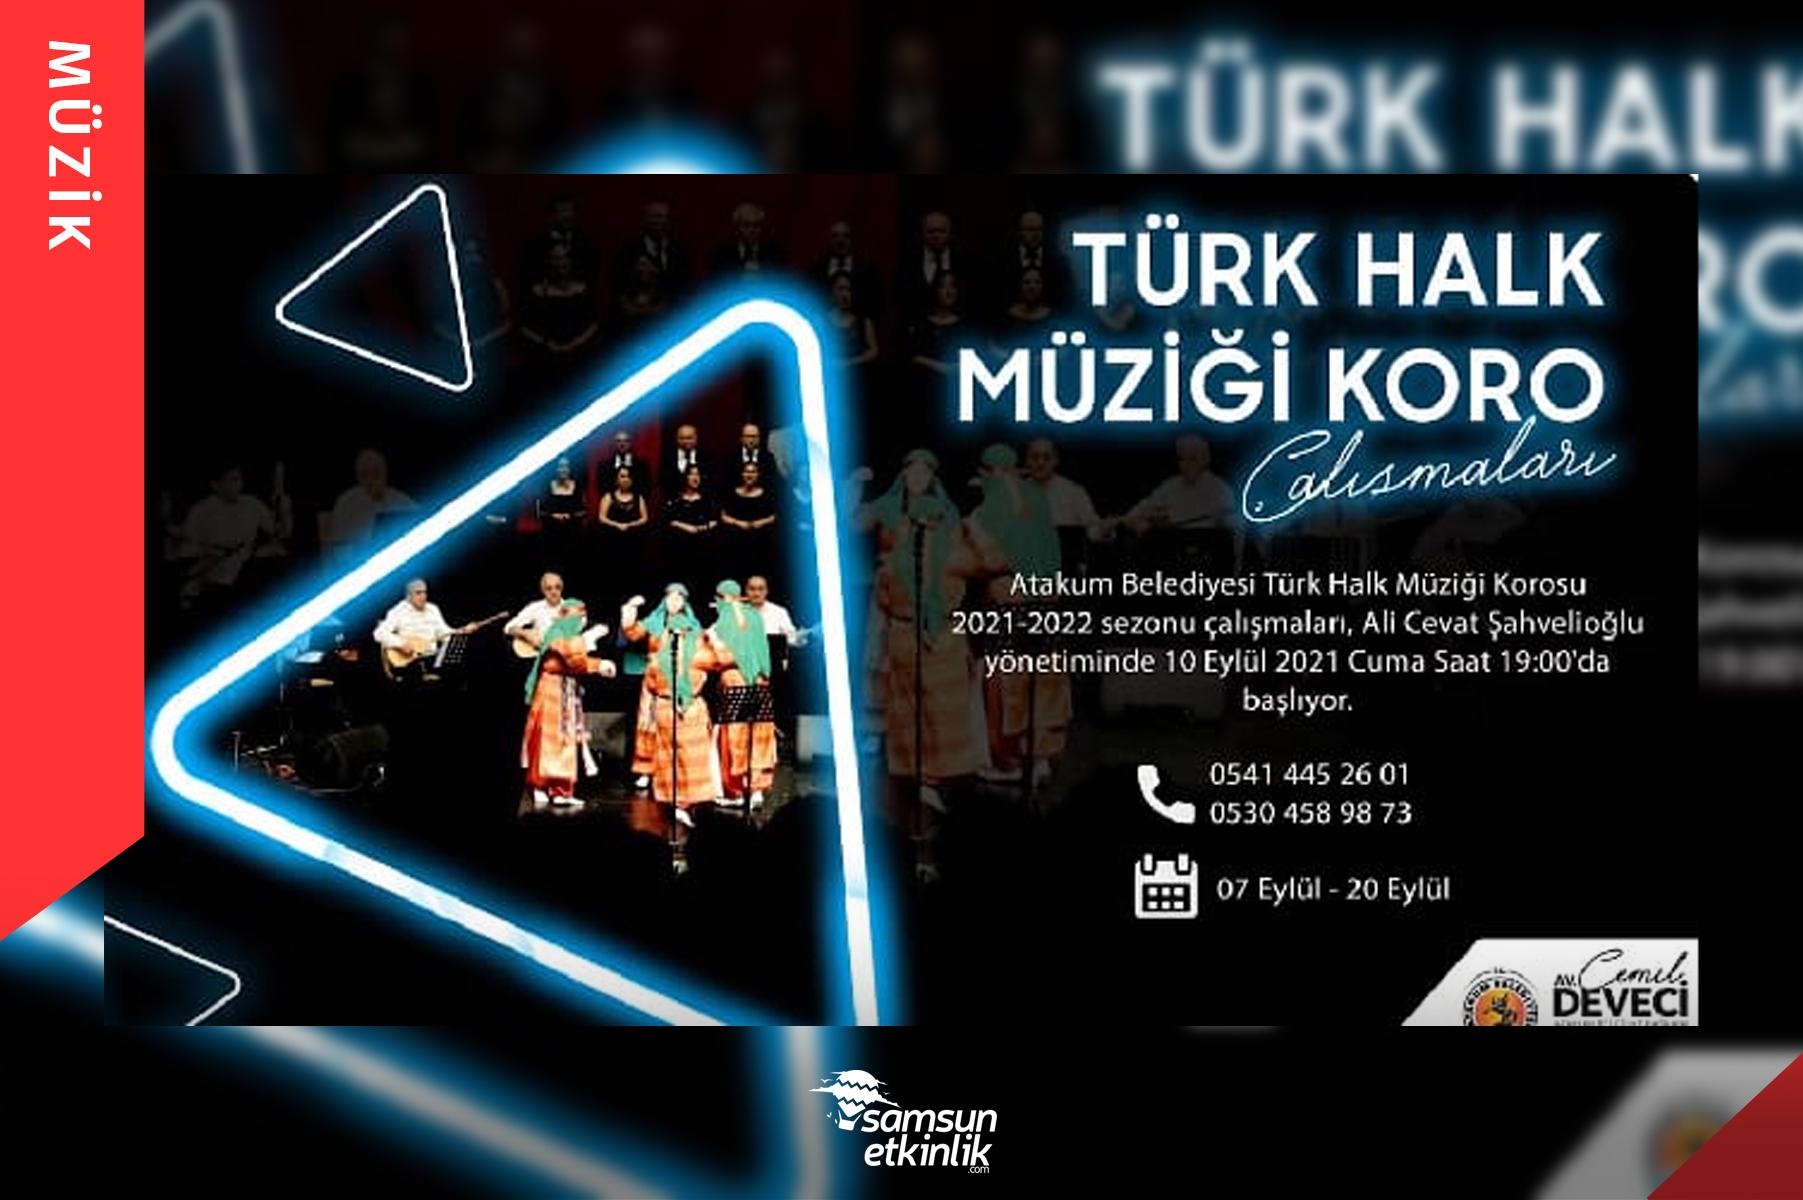 Türk Halk Müziği Koro Çalışmaları